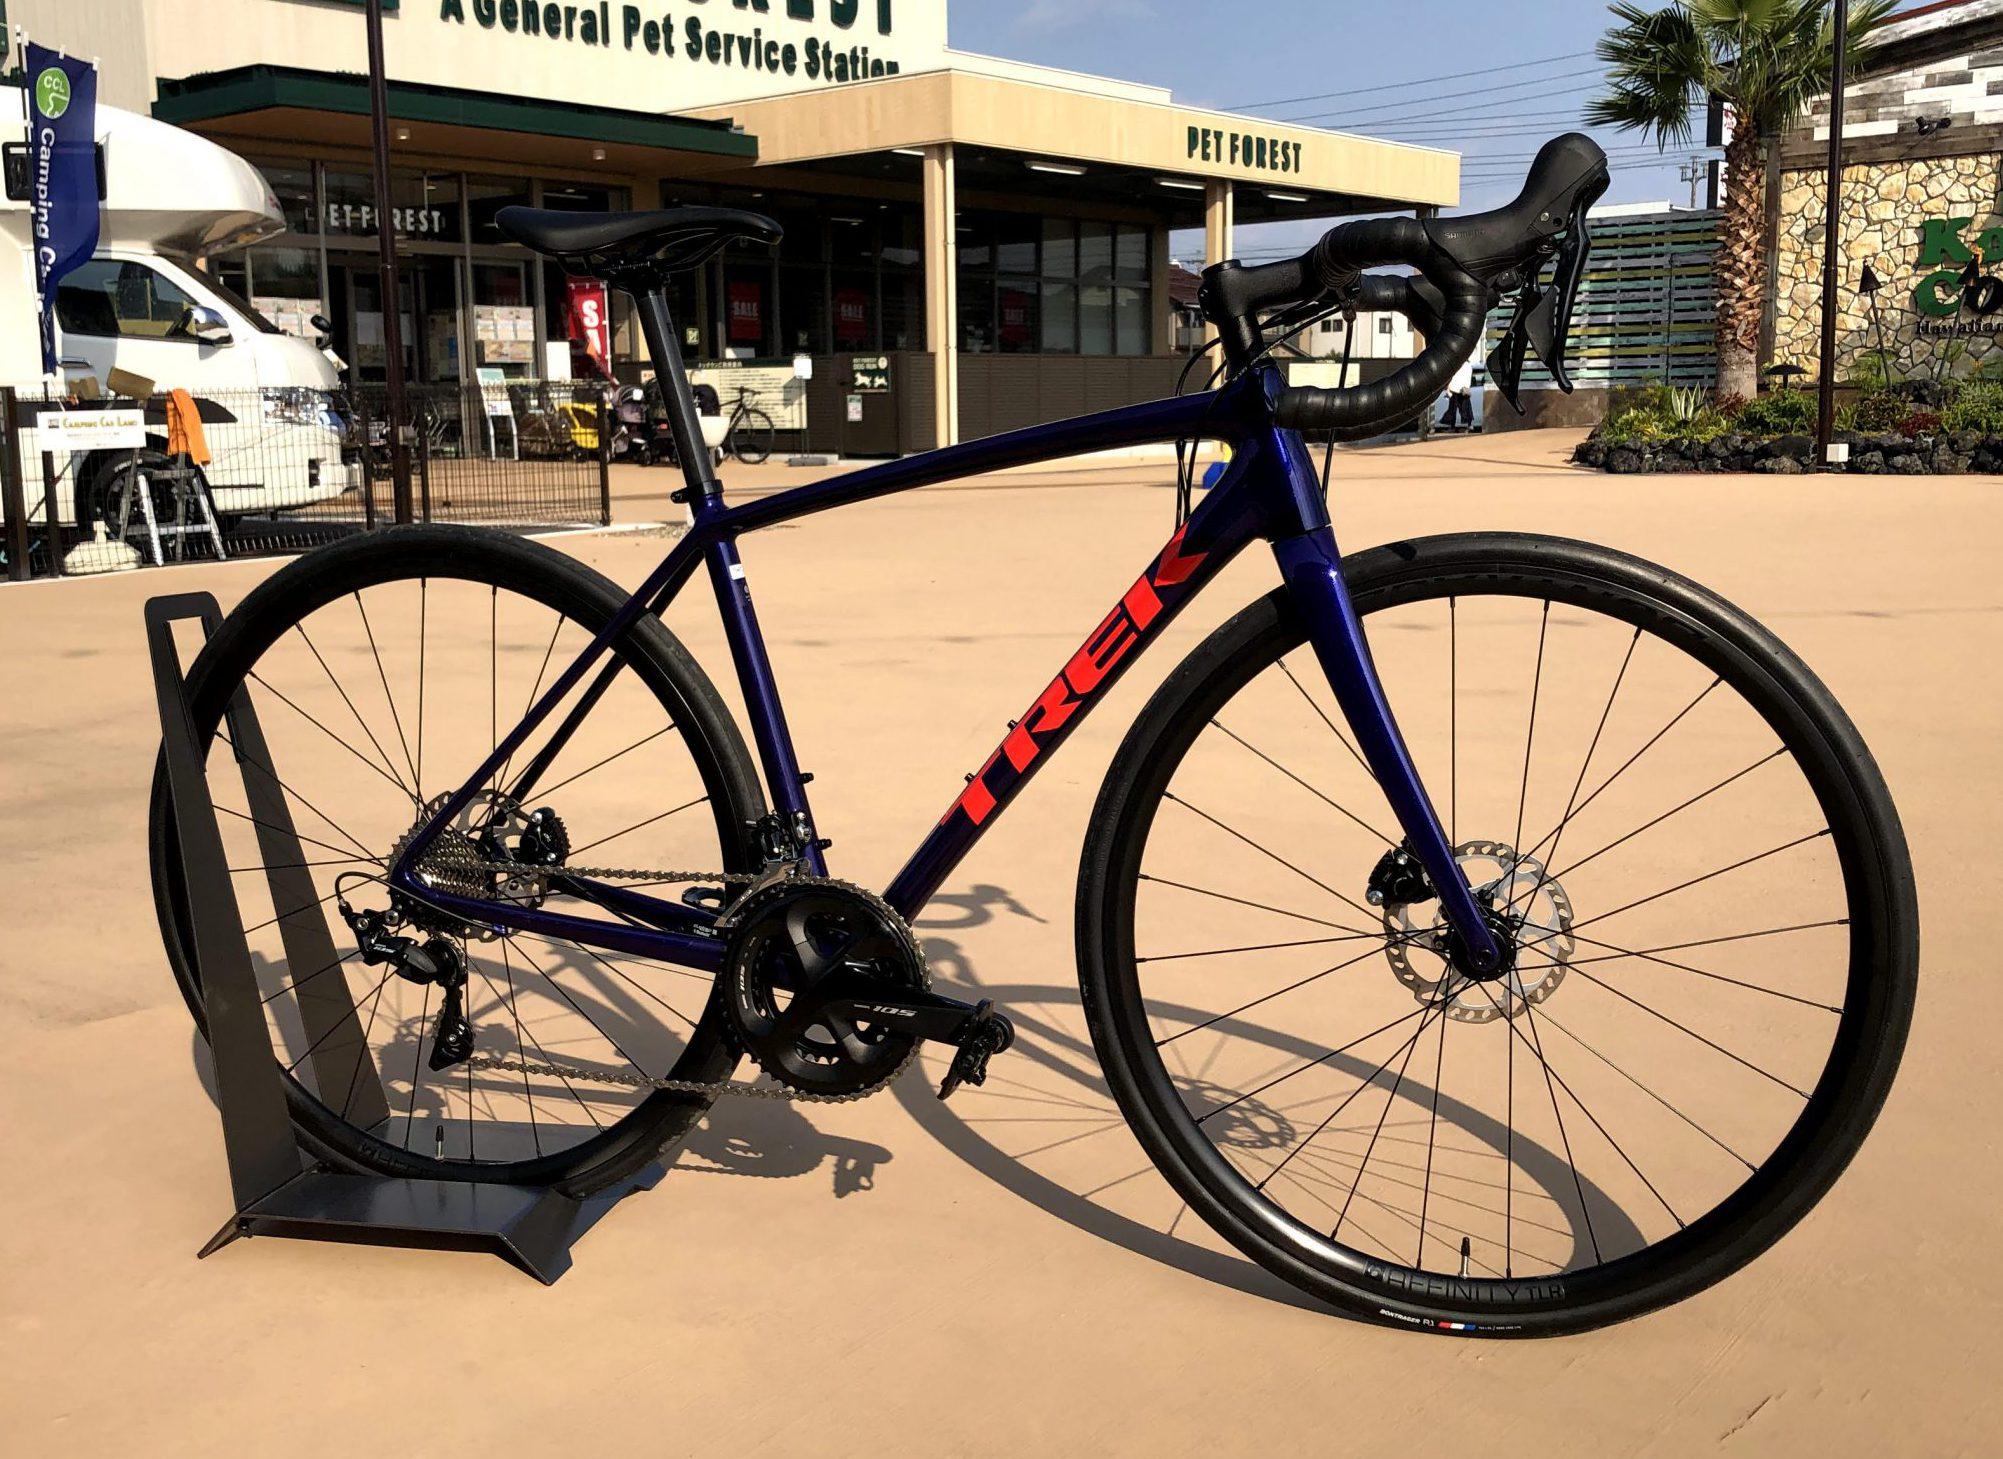 スタッフ二宮、自転車を買う。ーÉMONADA ALR5 DISCー